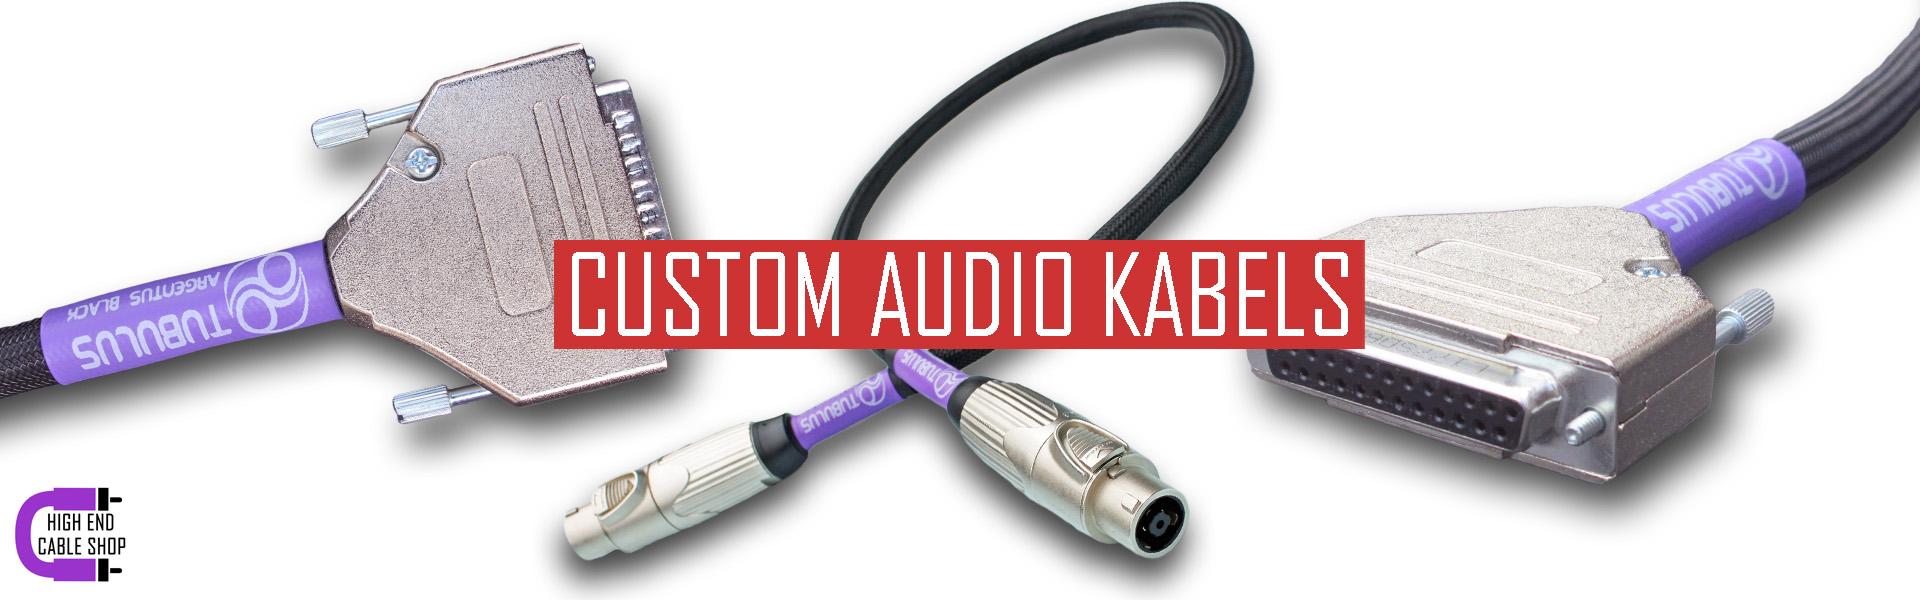 High end cable shop slide custom audio kabels